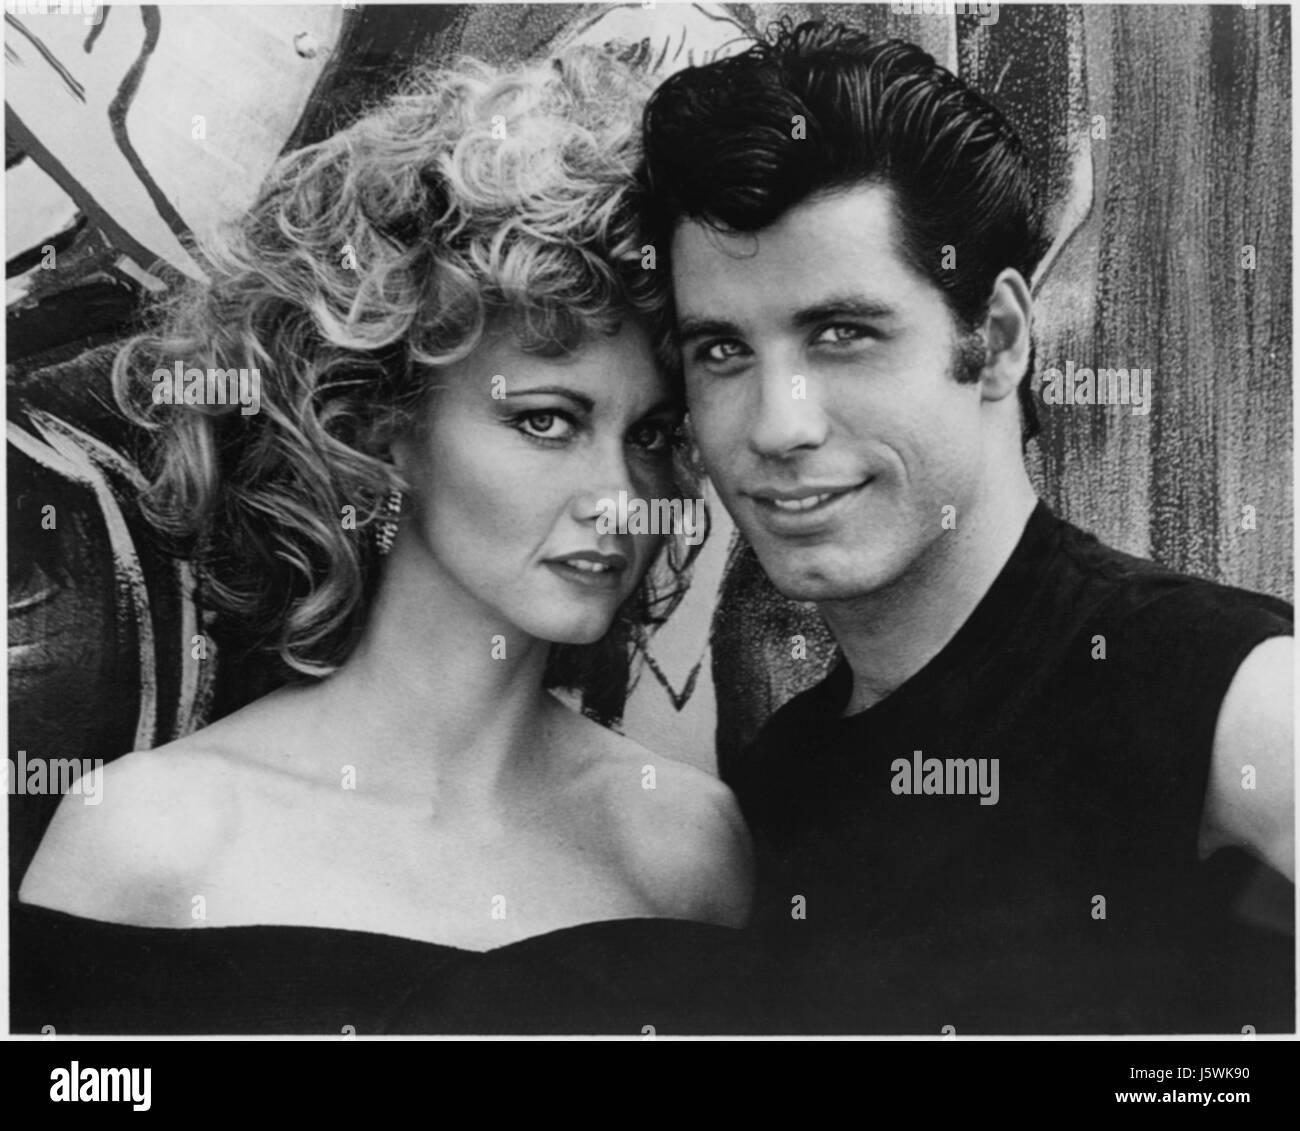 John Travolta Stock Photos & John Travolta Stock Images - Alamy